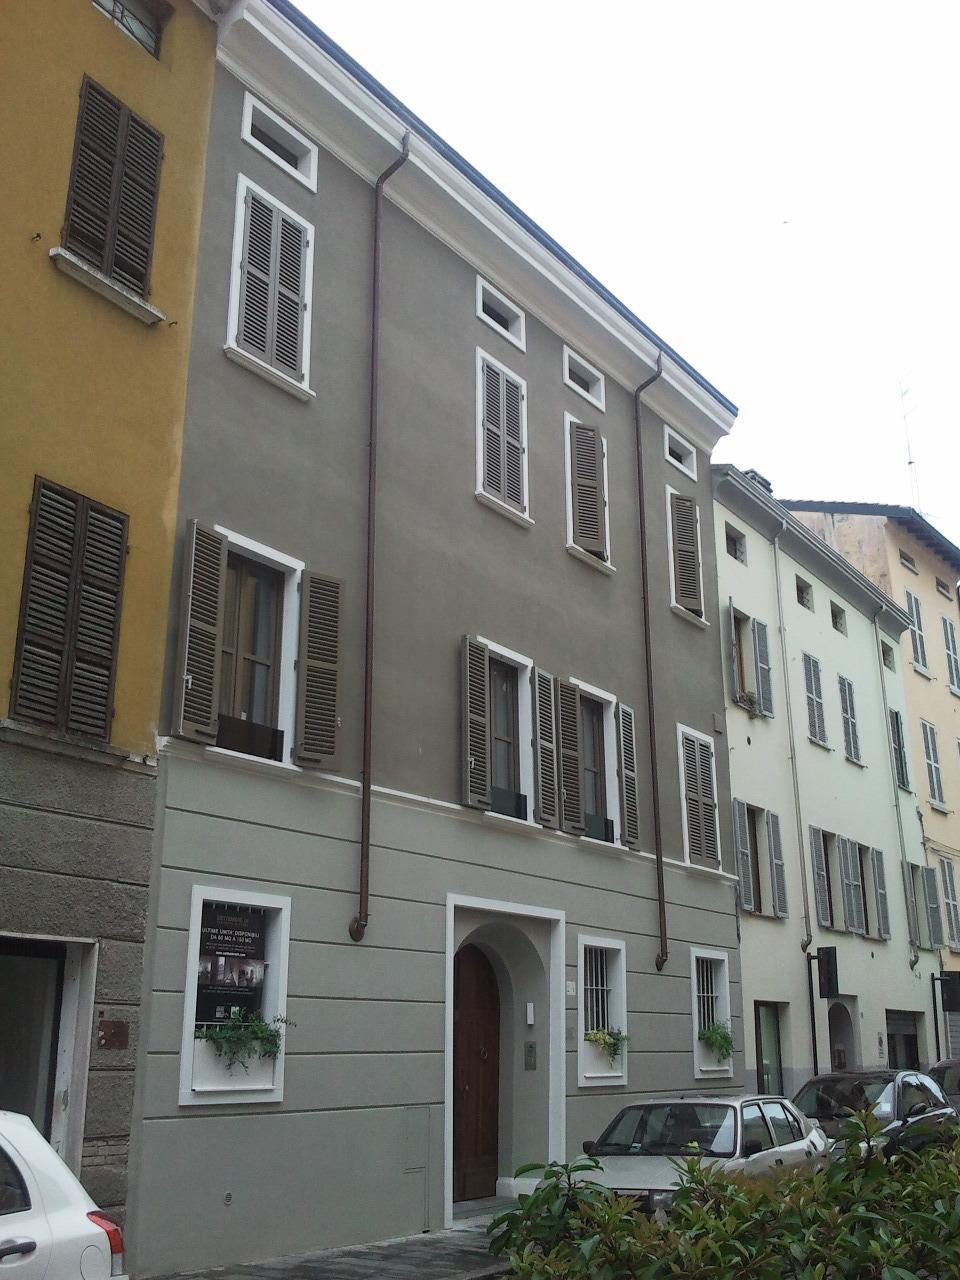 Appartamento in vendita a Parma, 2 locali, prezzo € 200.000 | Cambio Casa.it